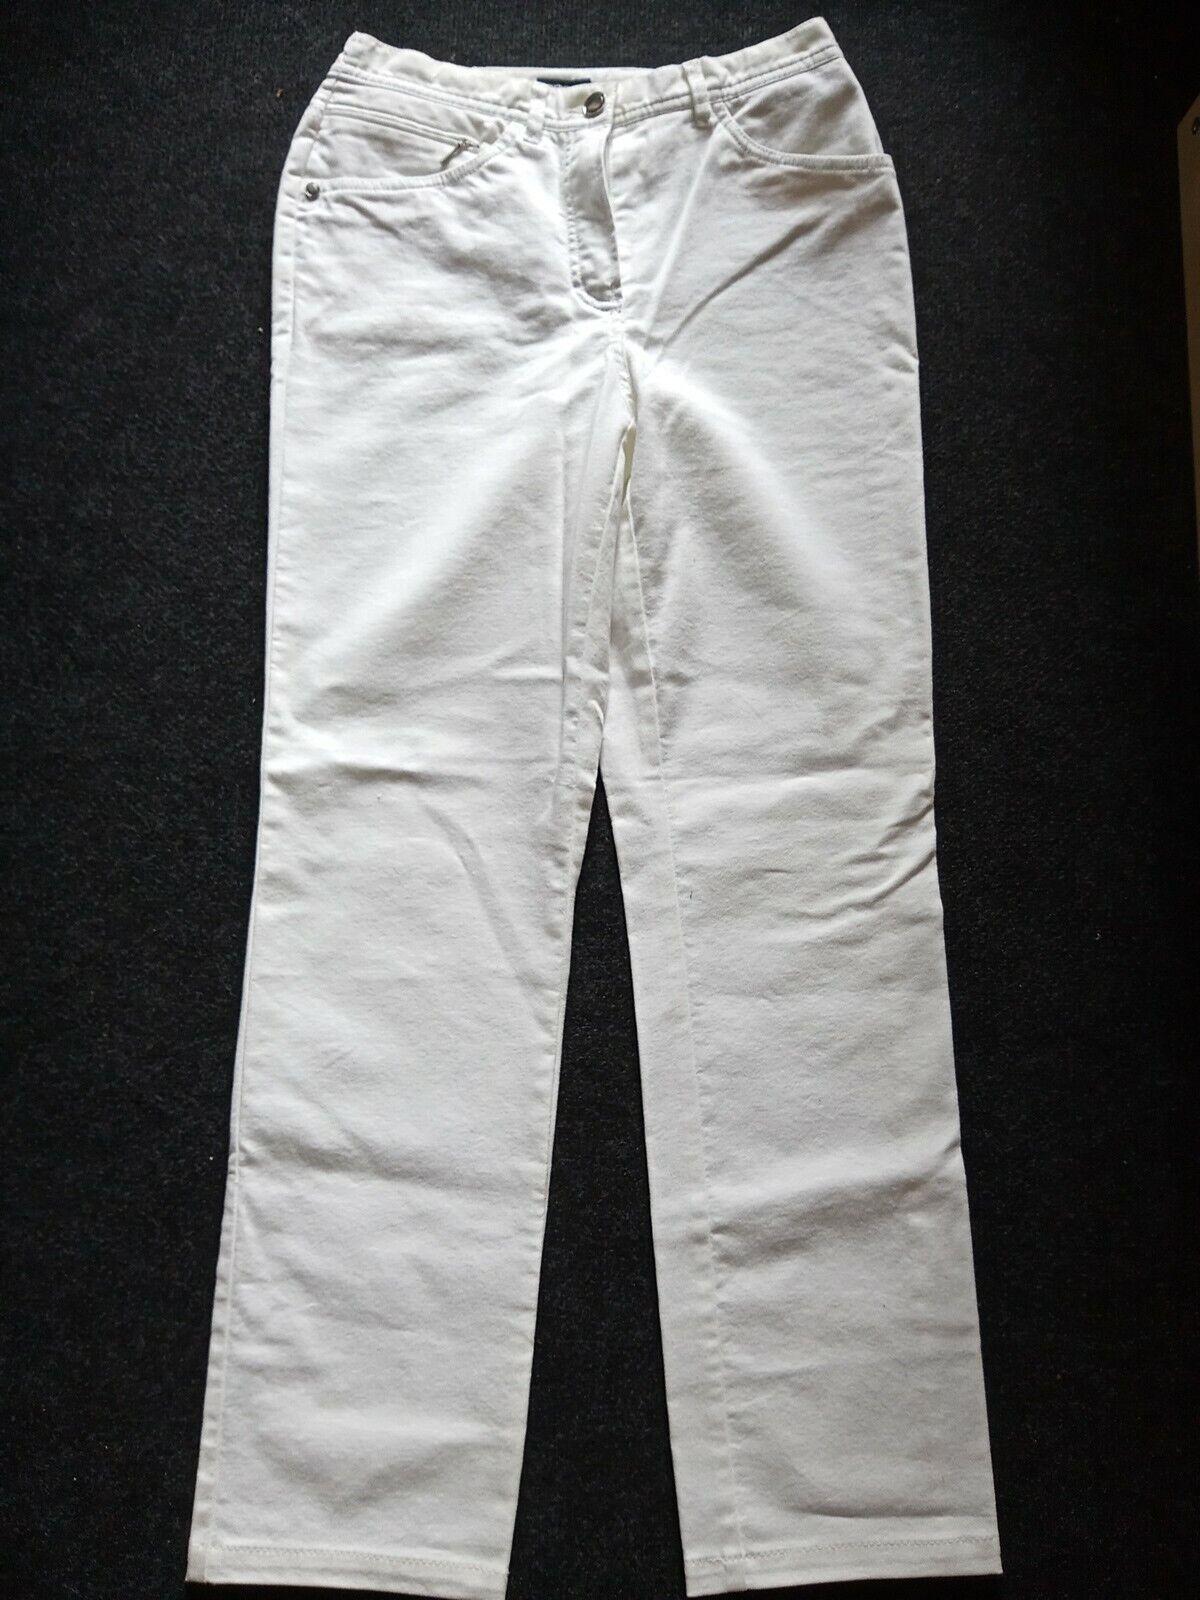 ❤ Damen Jeans Hose Walbusch weiss Größe 36 Dehnbund